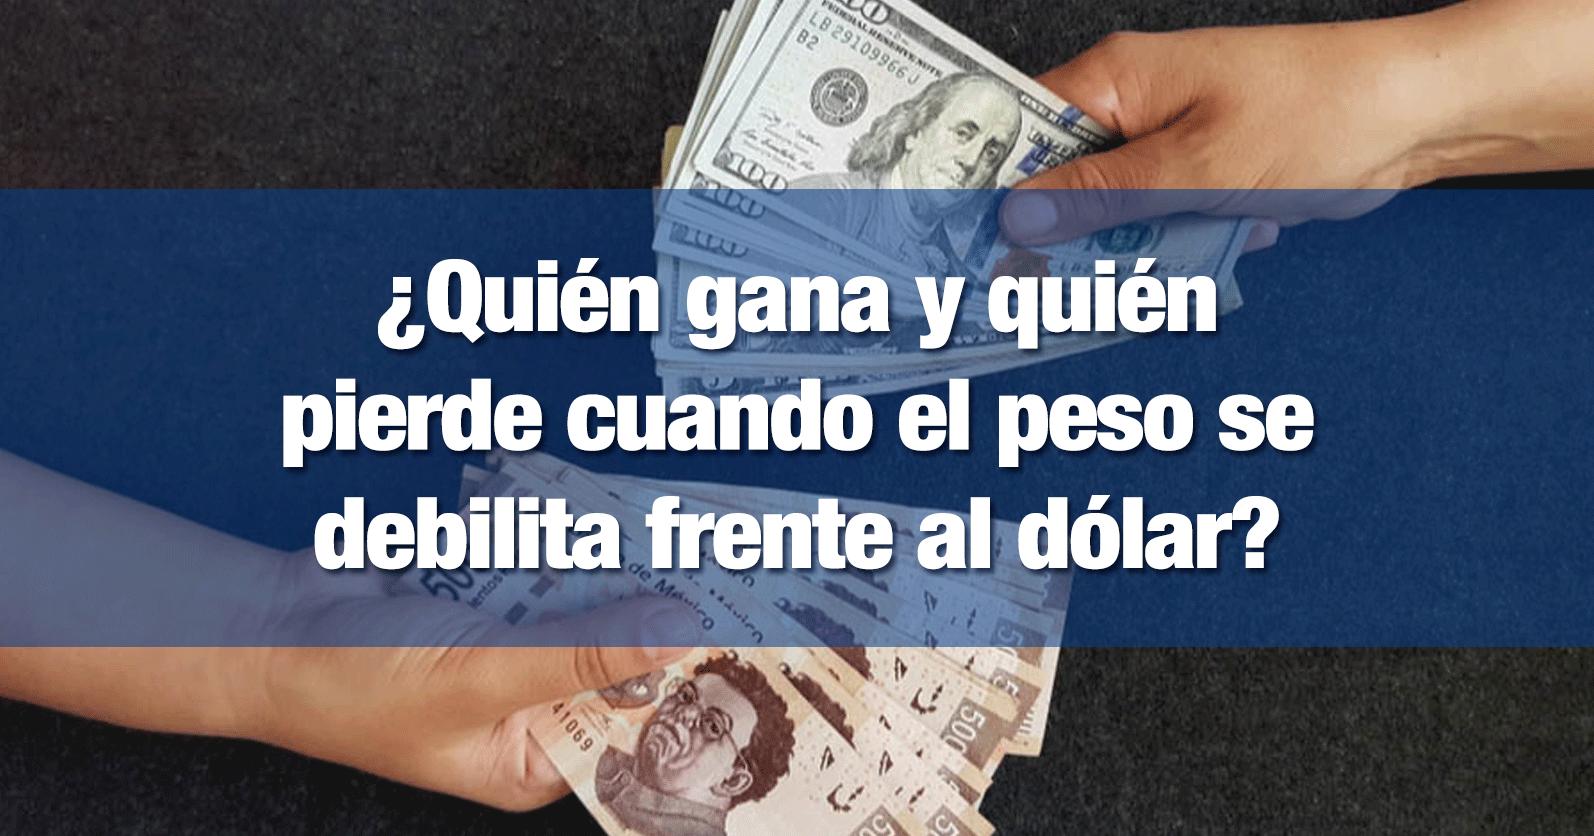 ¿Quién gana y quién pierde cuando el peso se debilita frente al dólar?